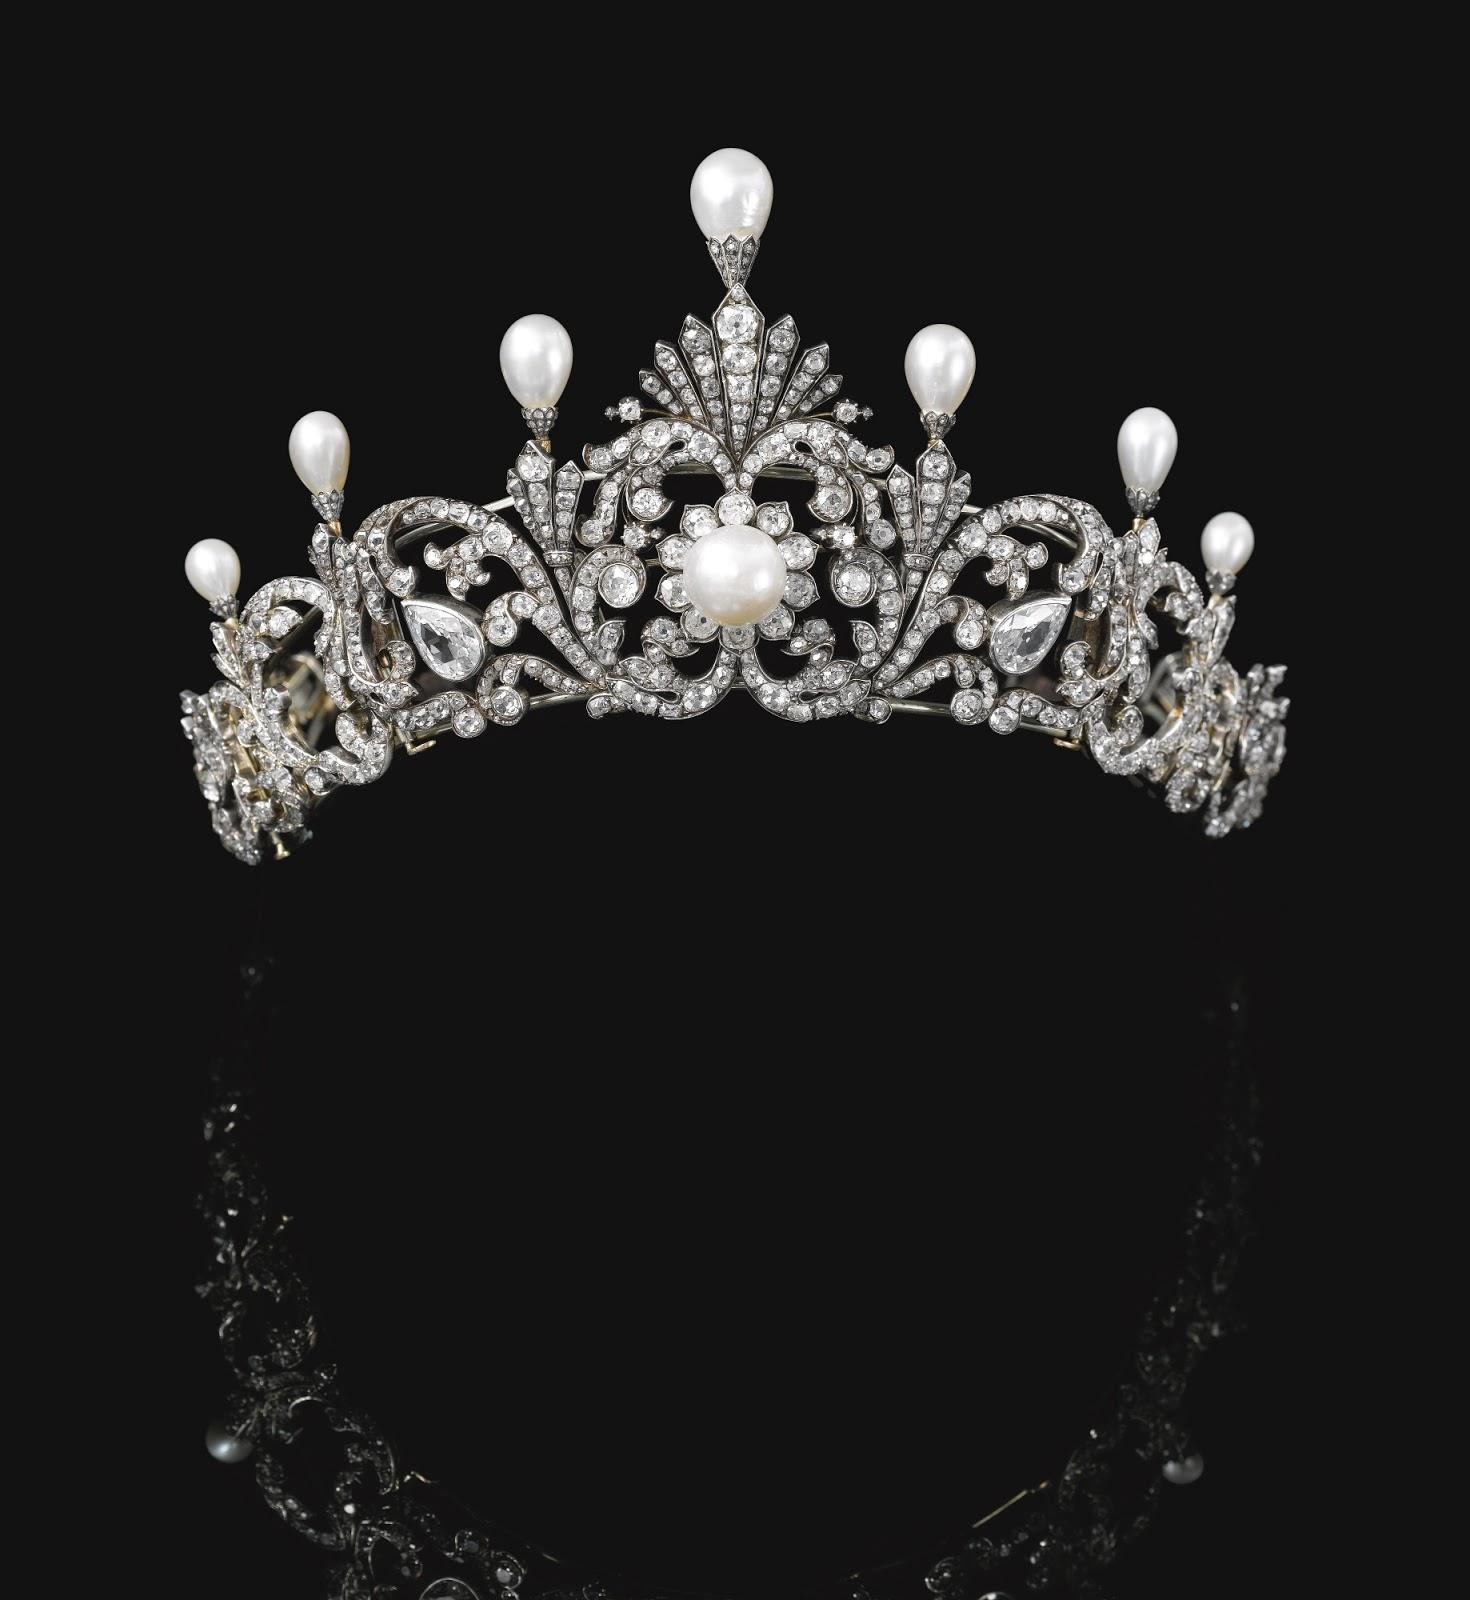 تيجان ملكية  امبراطورية فاخرة NATURAL+PEARL+AND+DIAMOND+TIARA,+LATE+19TH+CENTURY